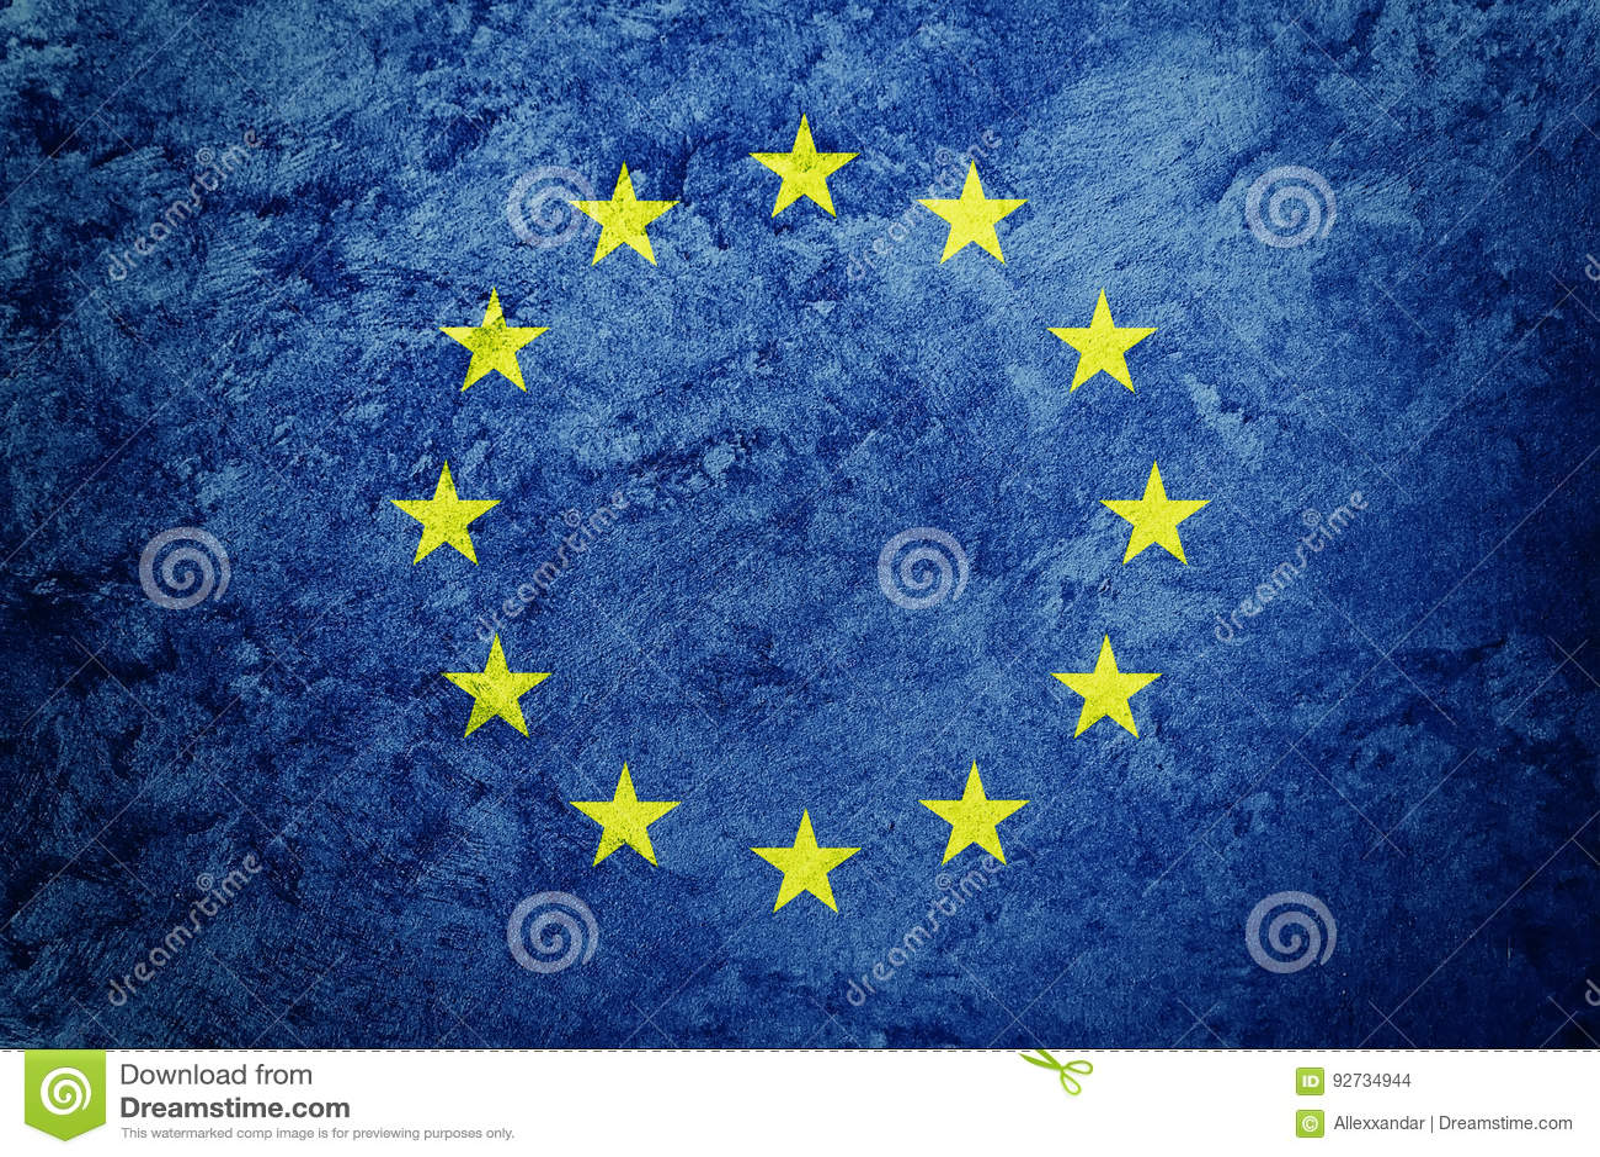 Schmutz Europa Union Jack EU Kennzeichnen Mit